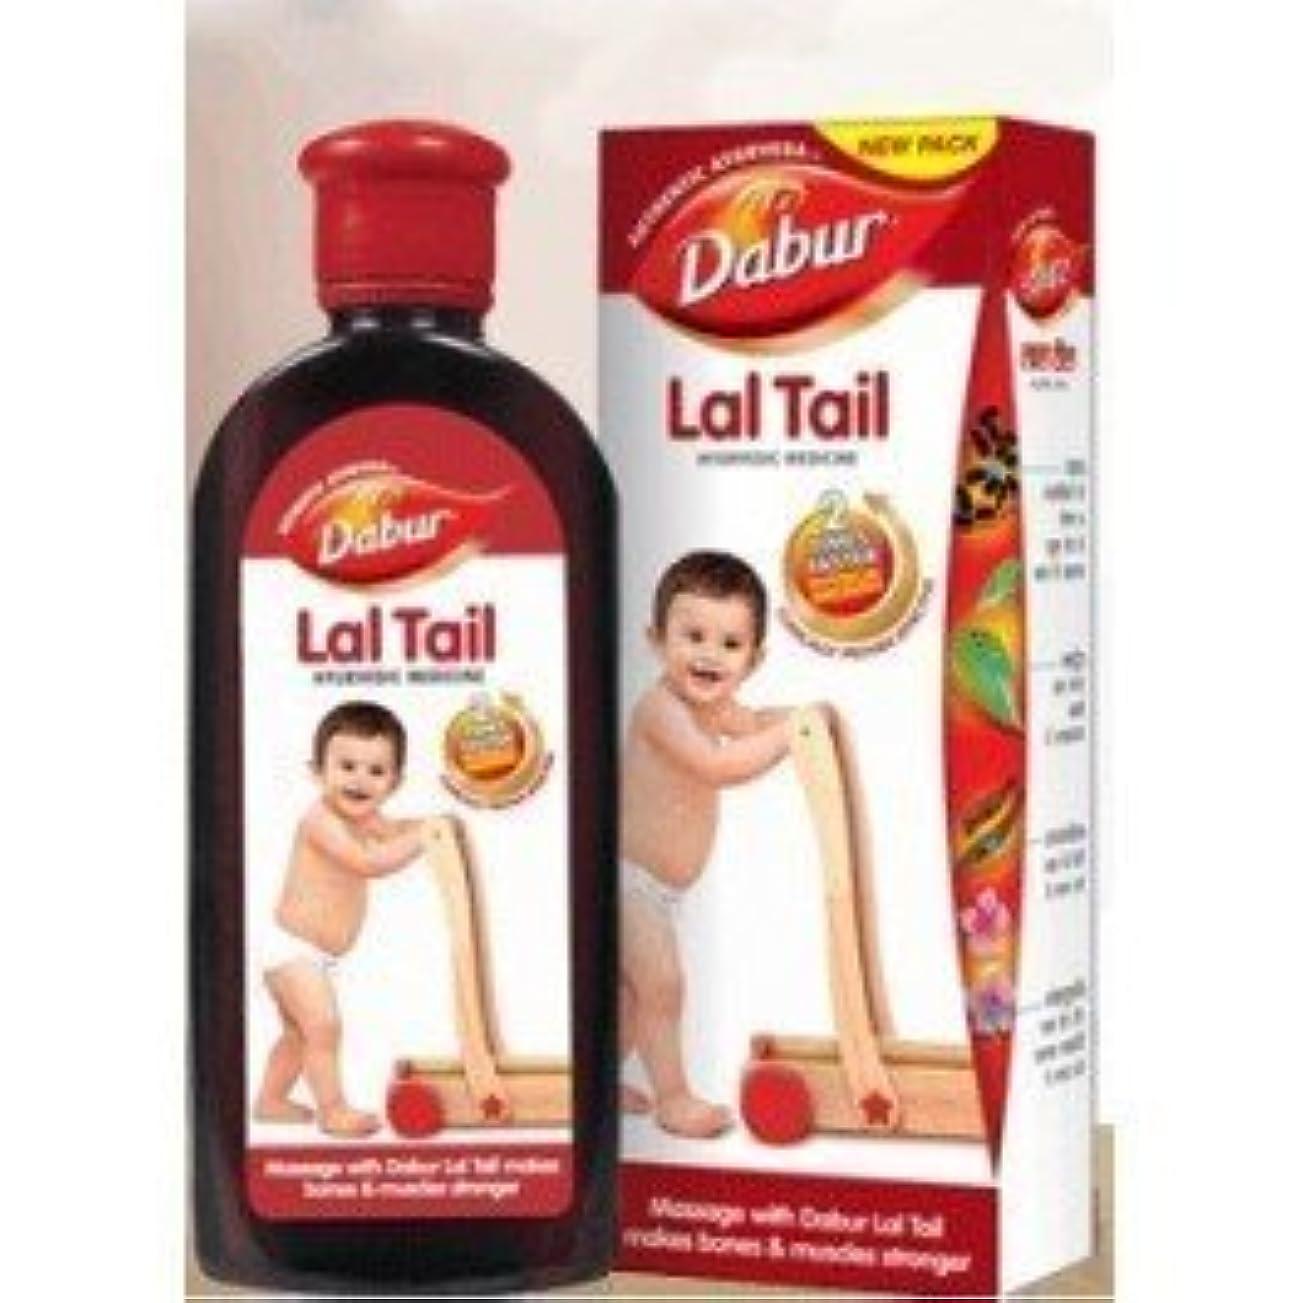 ブラケットうれしい中絶Baby / Child Natural Strengthening Herbal Ayurvedic Baby Massage Oil Dabur Lal Tail 100ml Large Size Infant by...